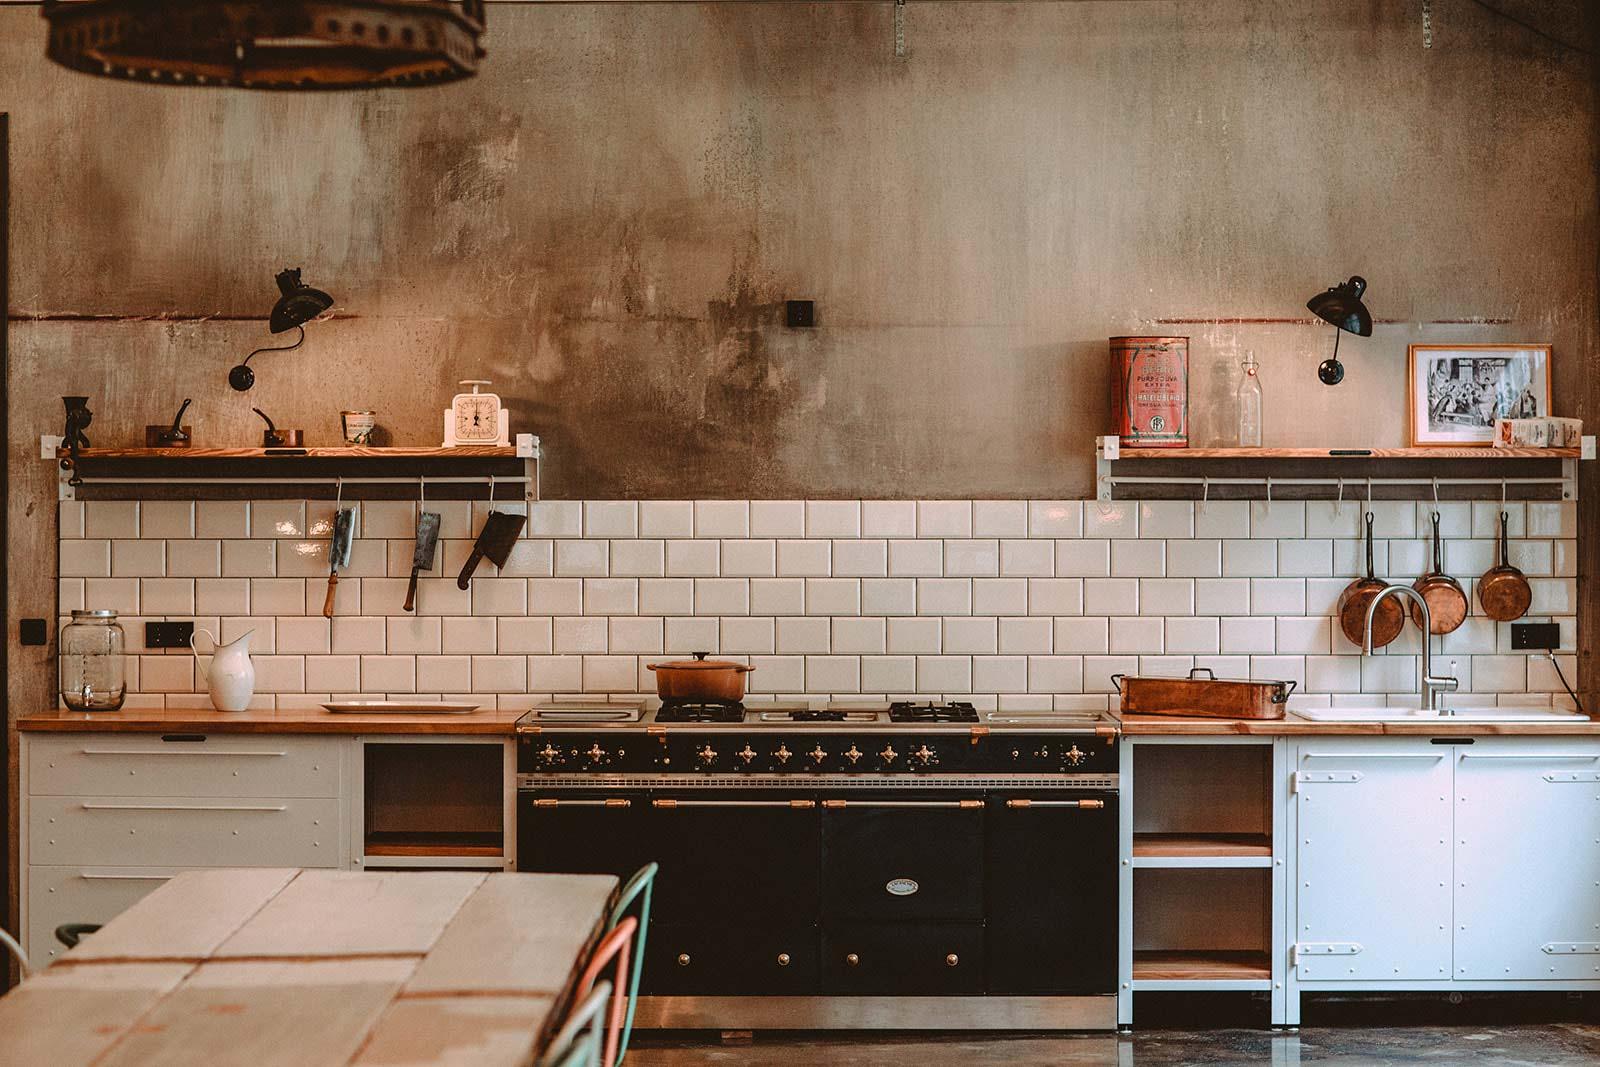 fabrik-23-fine-dining-la-cucina